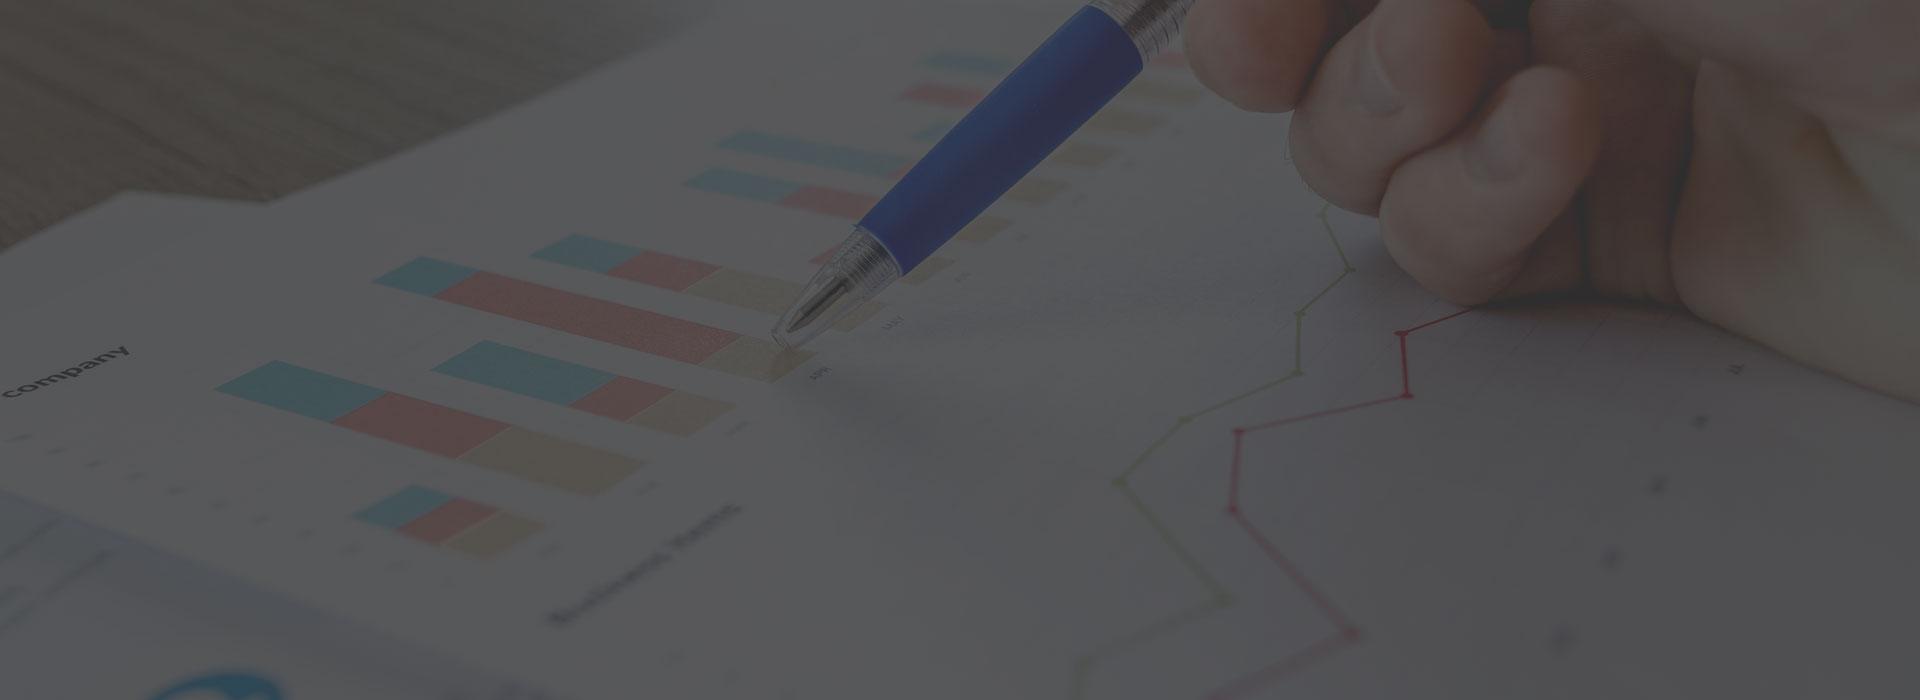 NetSuite Data Analytics